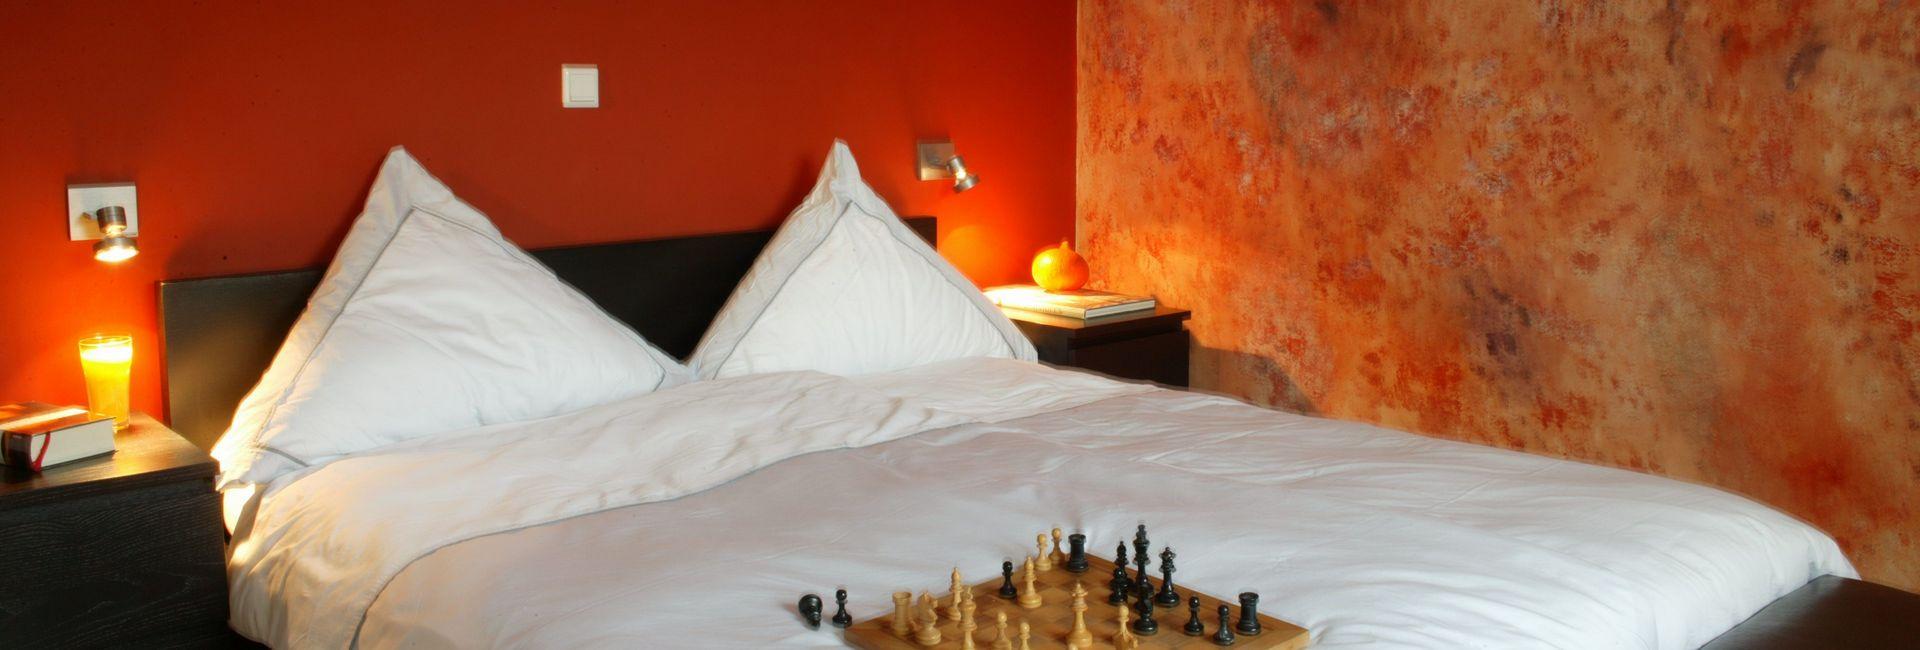 Zimmer 4 – Landhaus Pension Haus Sonneck